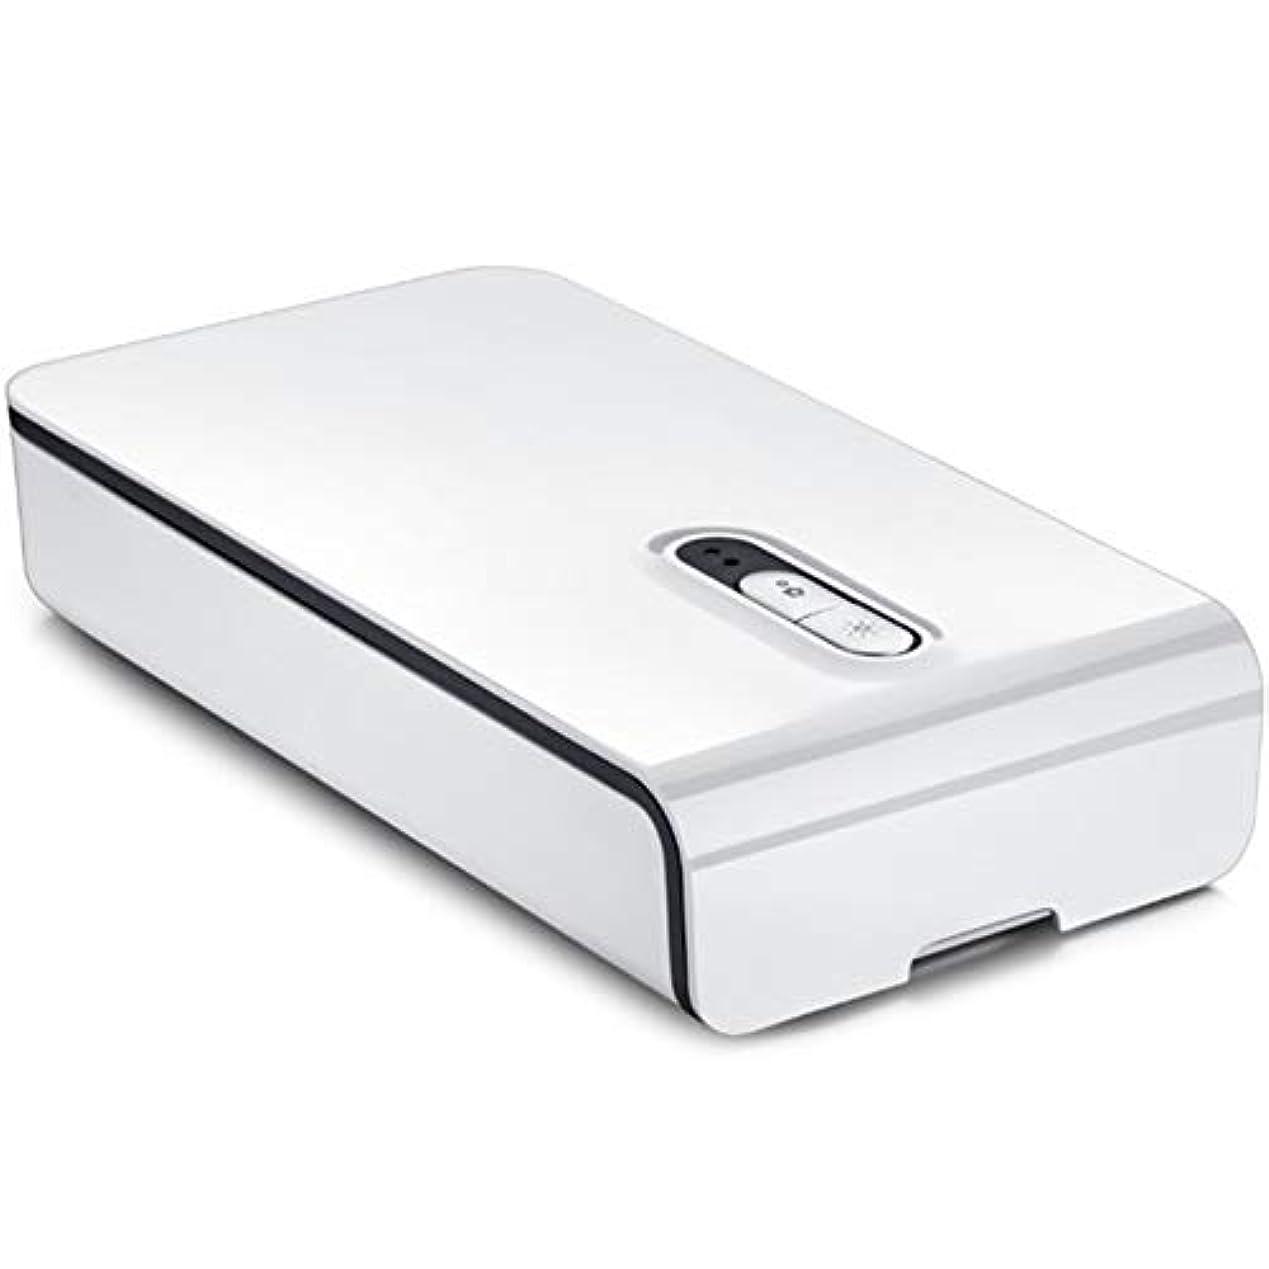 人形副にんじんUV滅菌器を充電する携帯電話と下着のための多機能アロマUV消毒単層,白